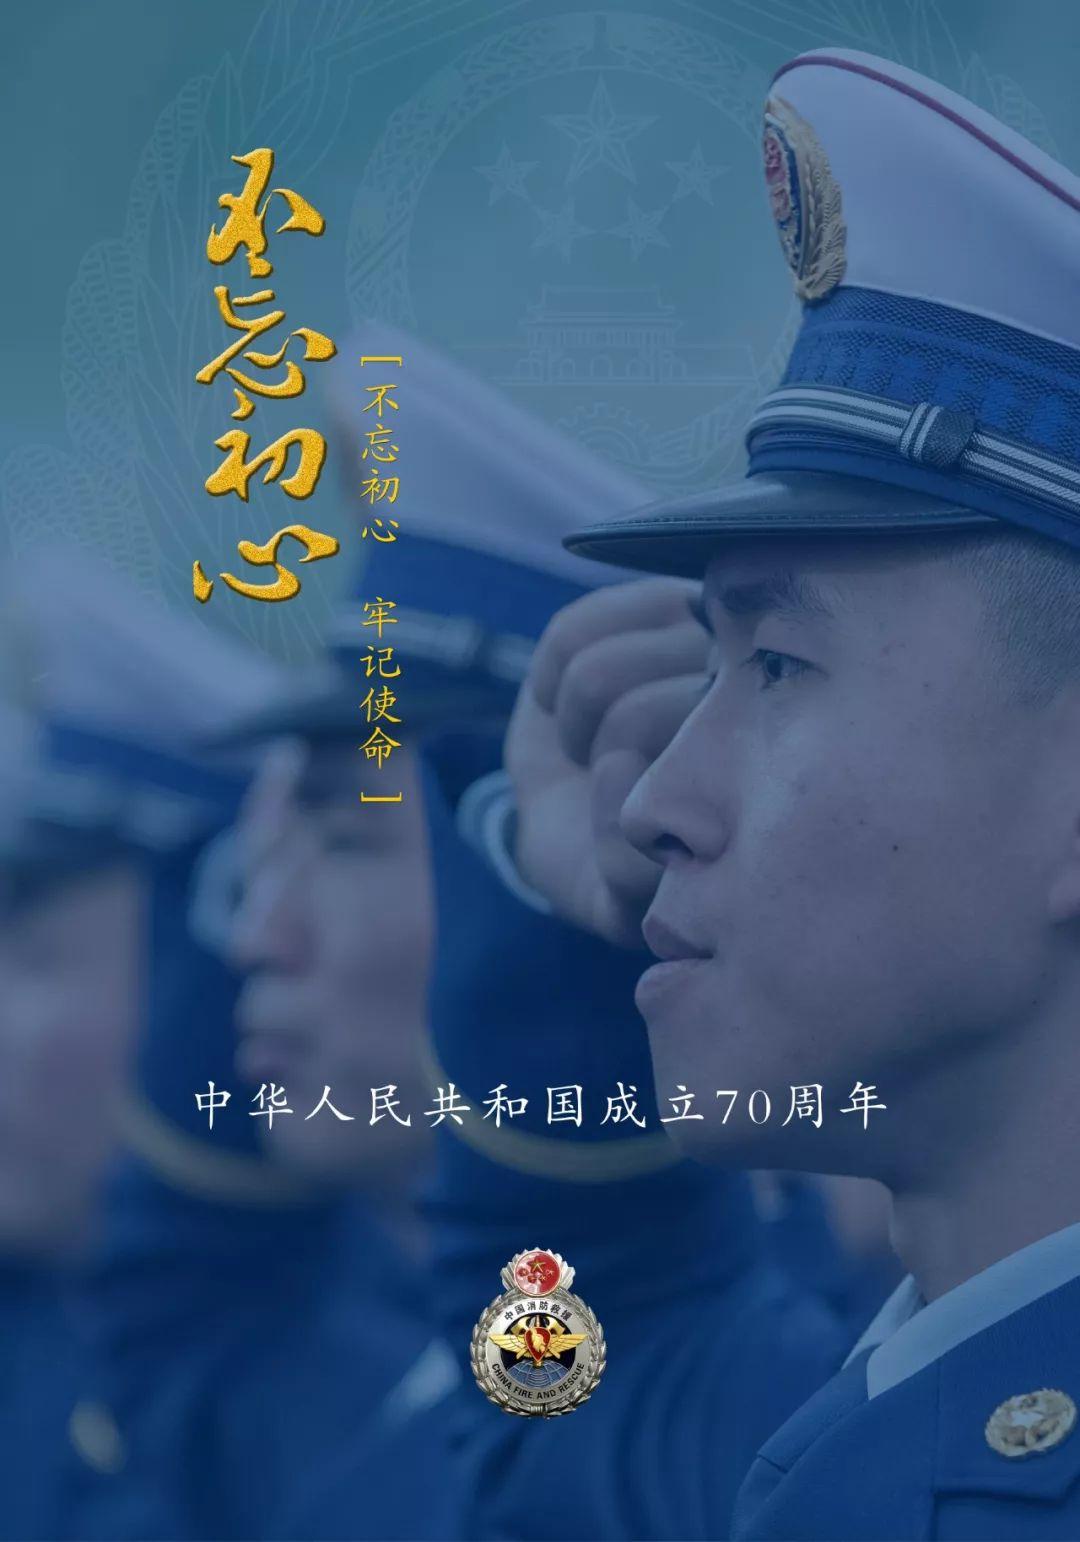 实现中华民族伟大复兴的中国梦比任何时期都来得真实和坚定.图片